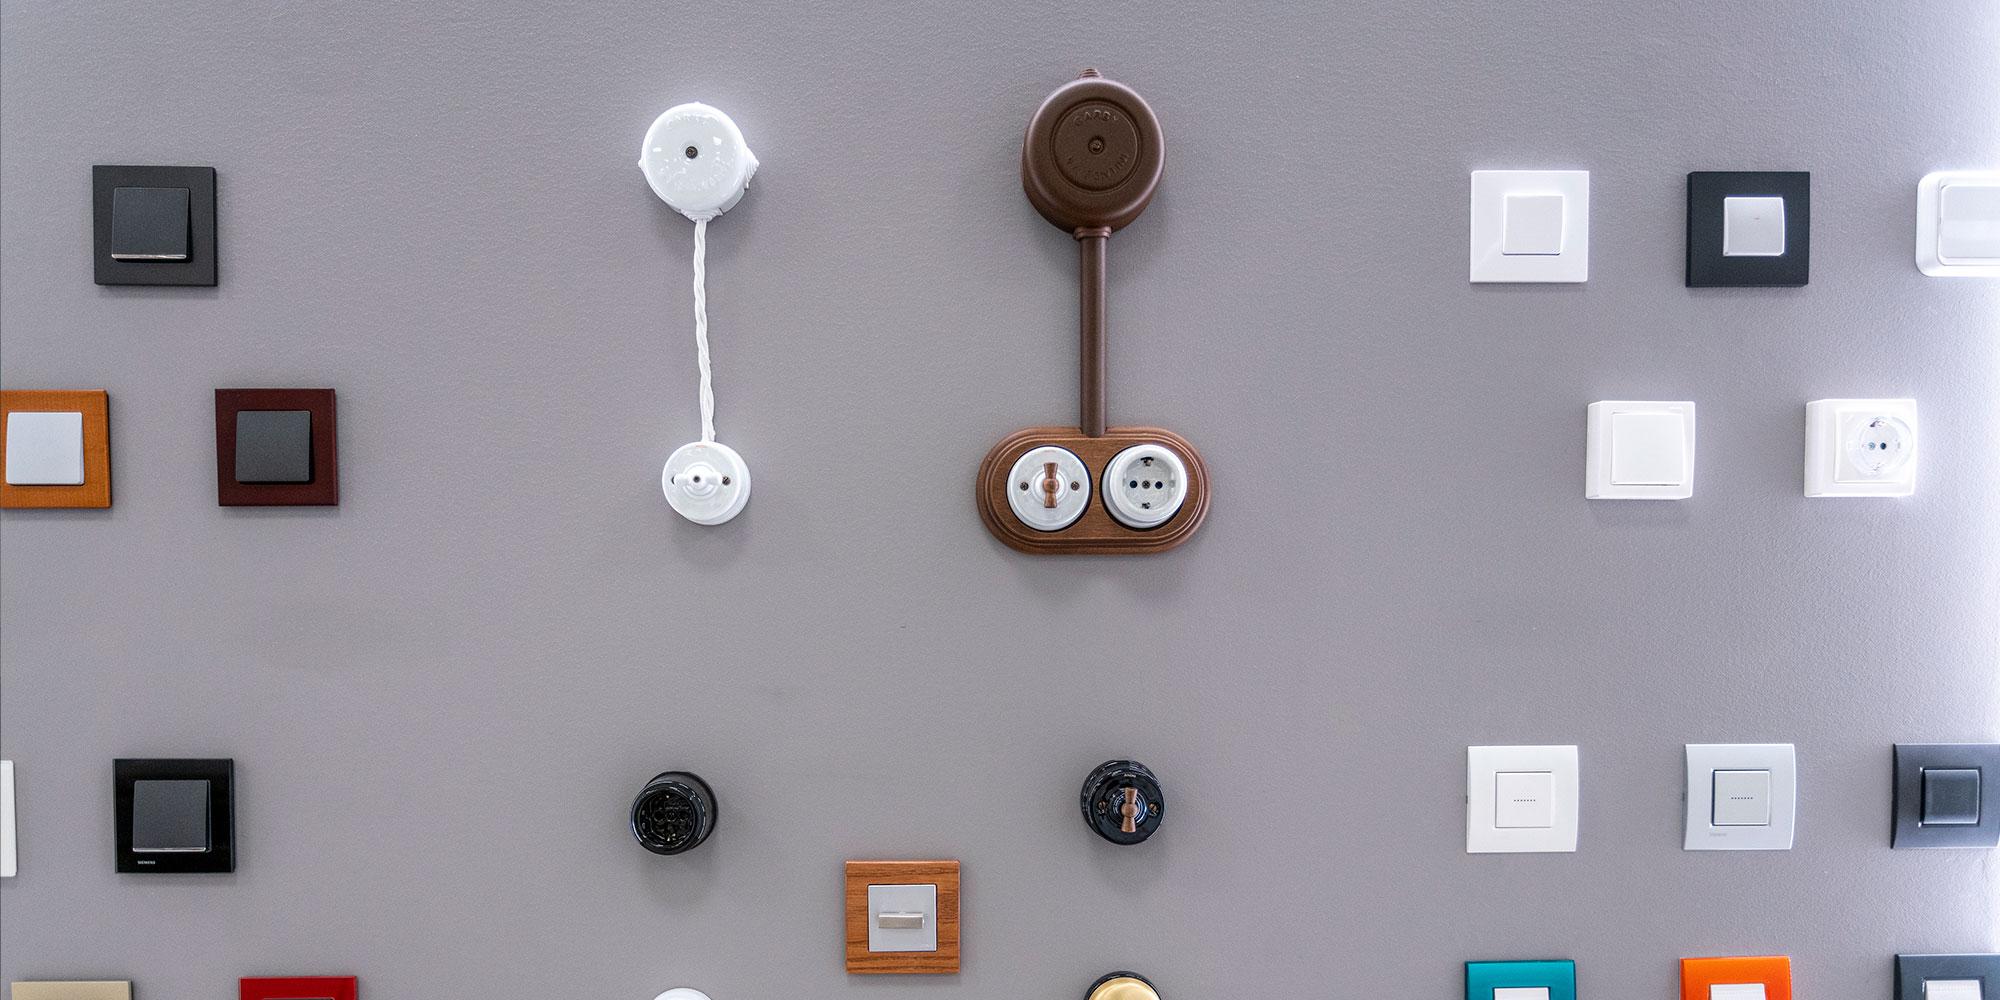 Electricidad-mecanismo-diseno-mahon-menorca